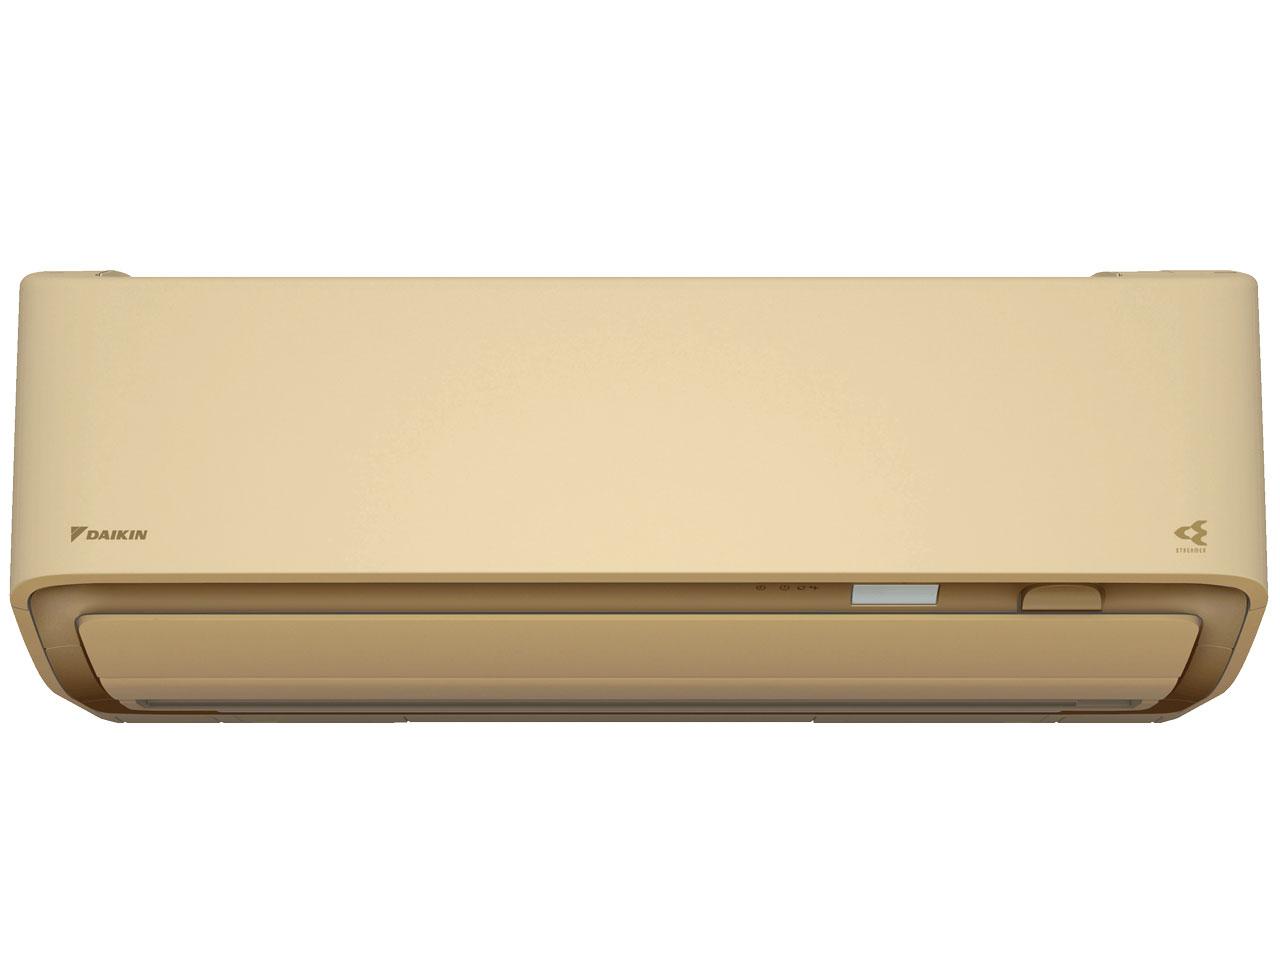 ダイキン 19年モデル AXシリーズ S80WTAXV-C 【200V用 電源直結型】26畳用冷暖房除湿エアコン